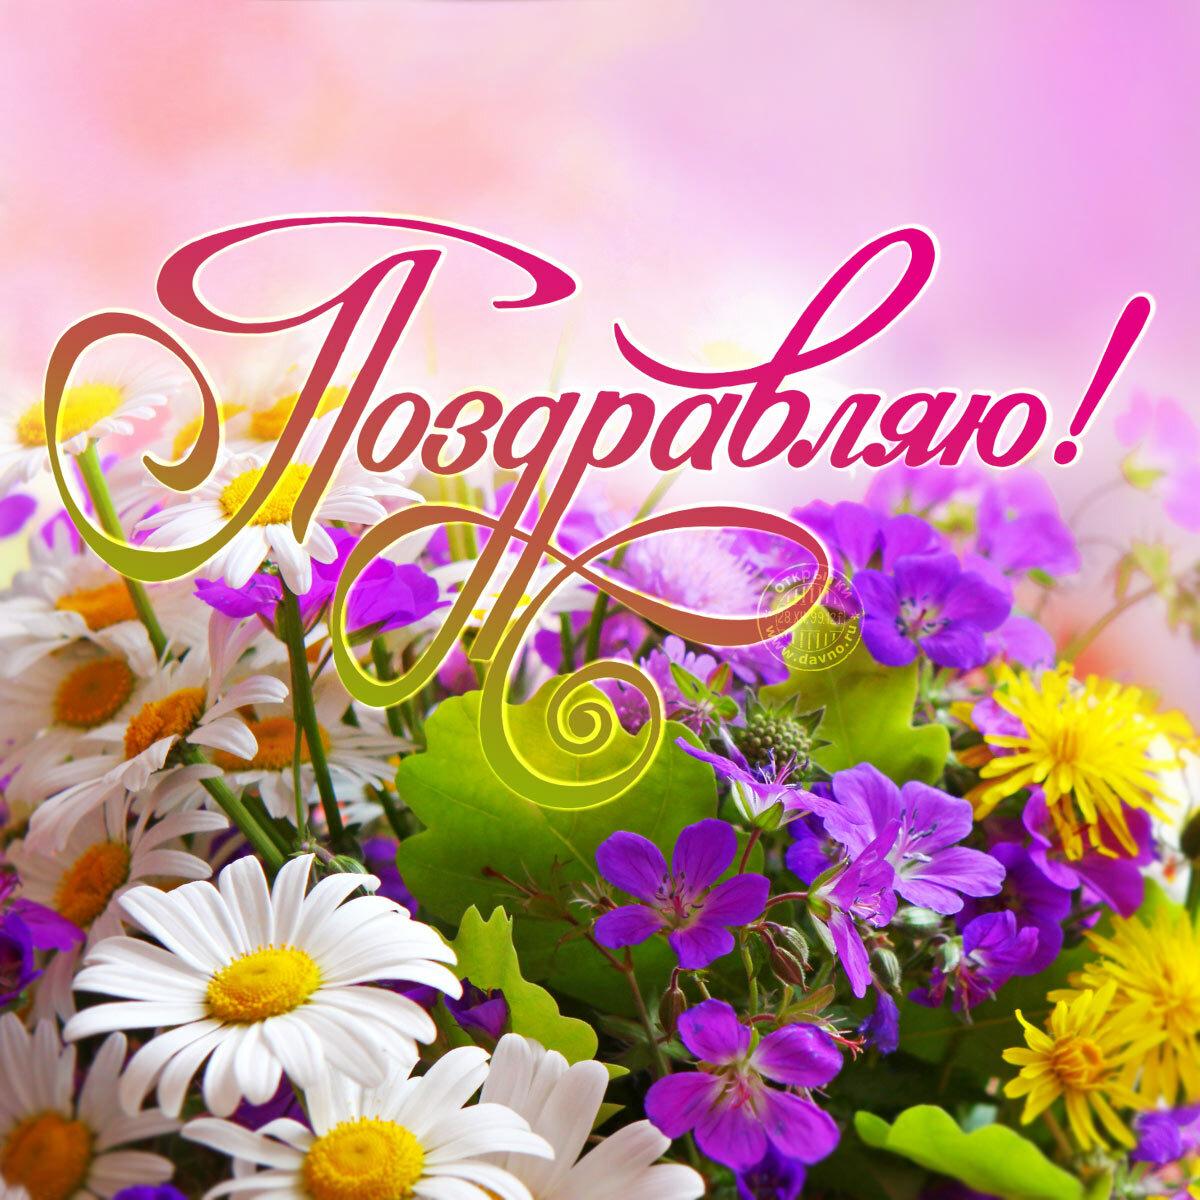 Красивые картинки поздравляю цветы